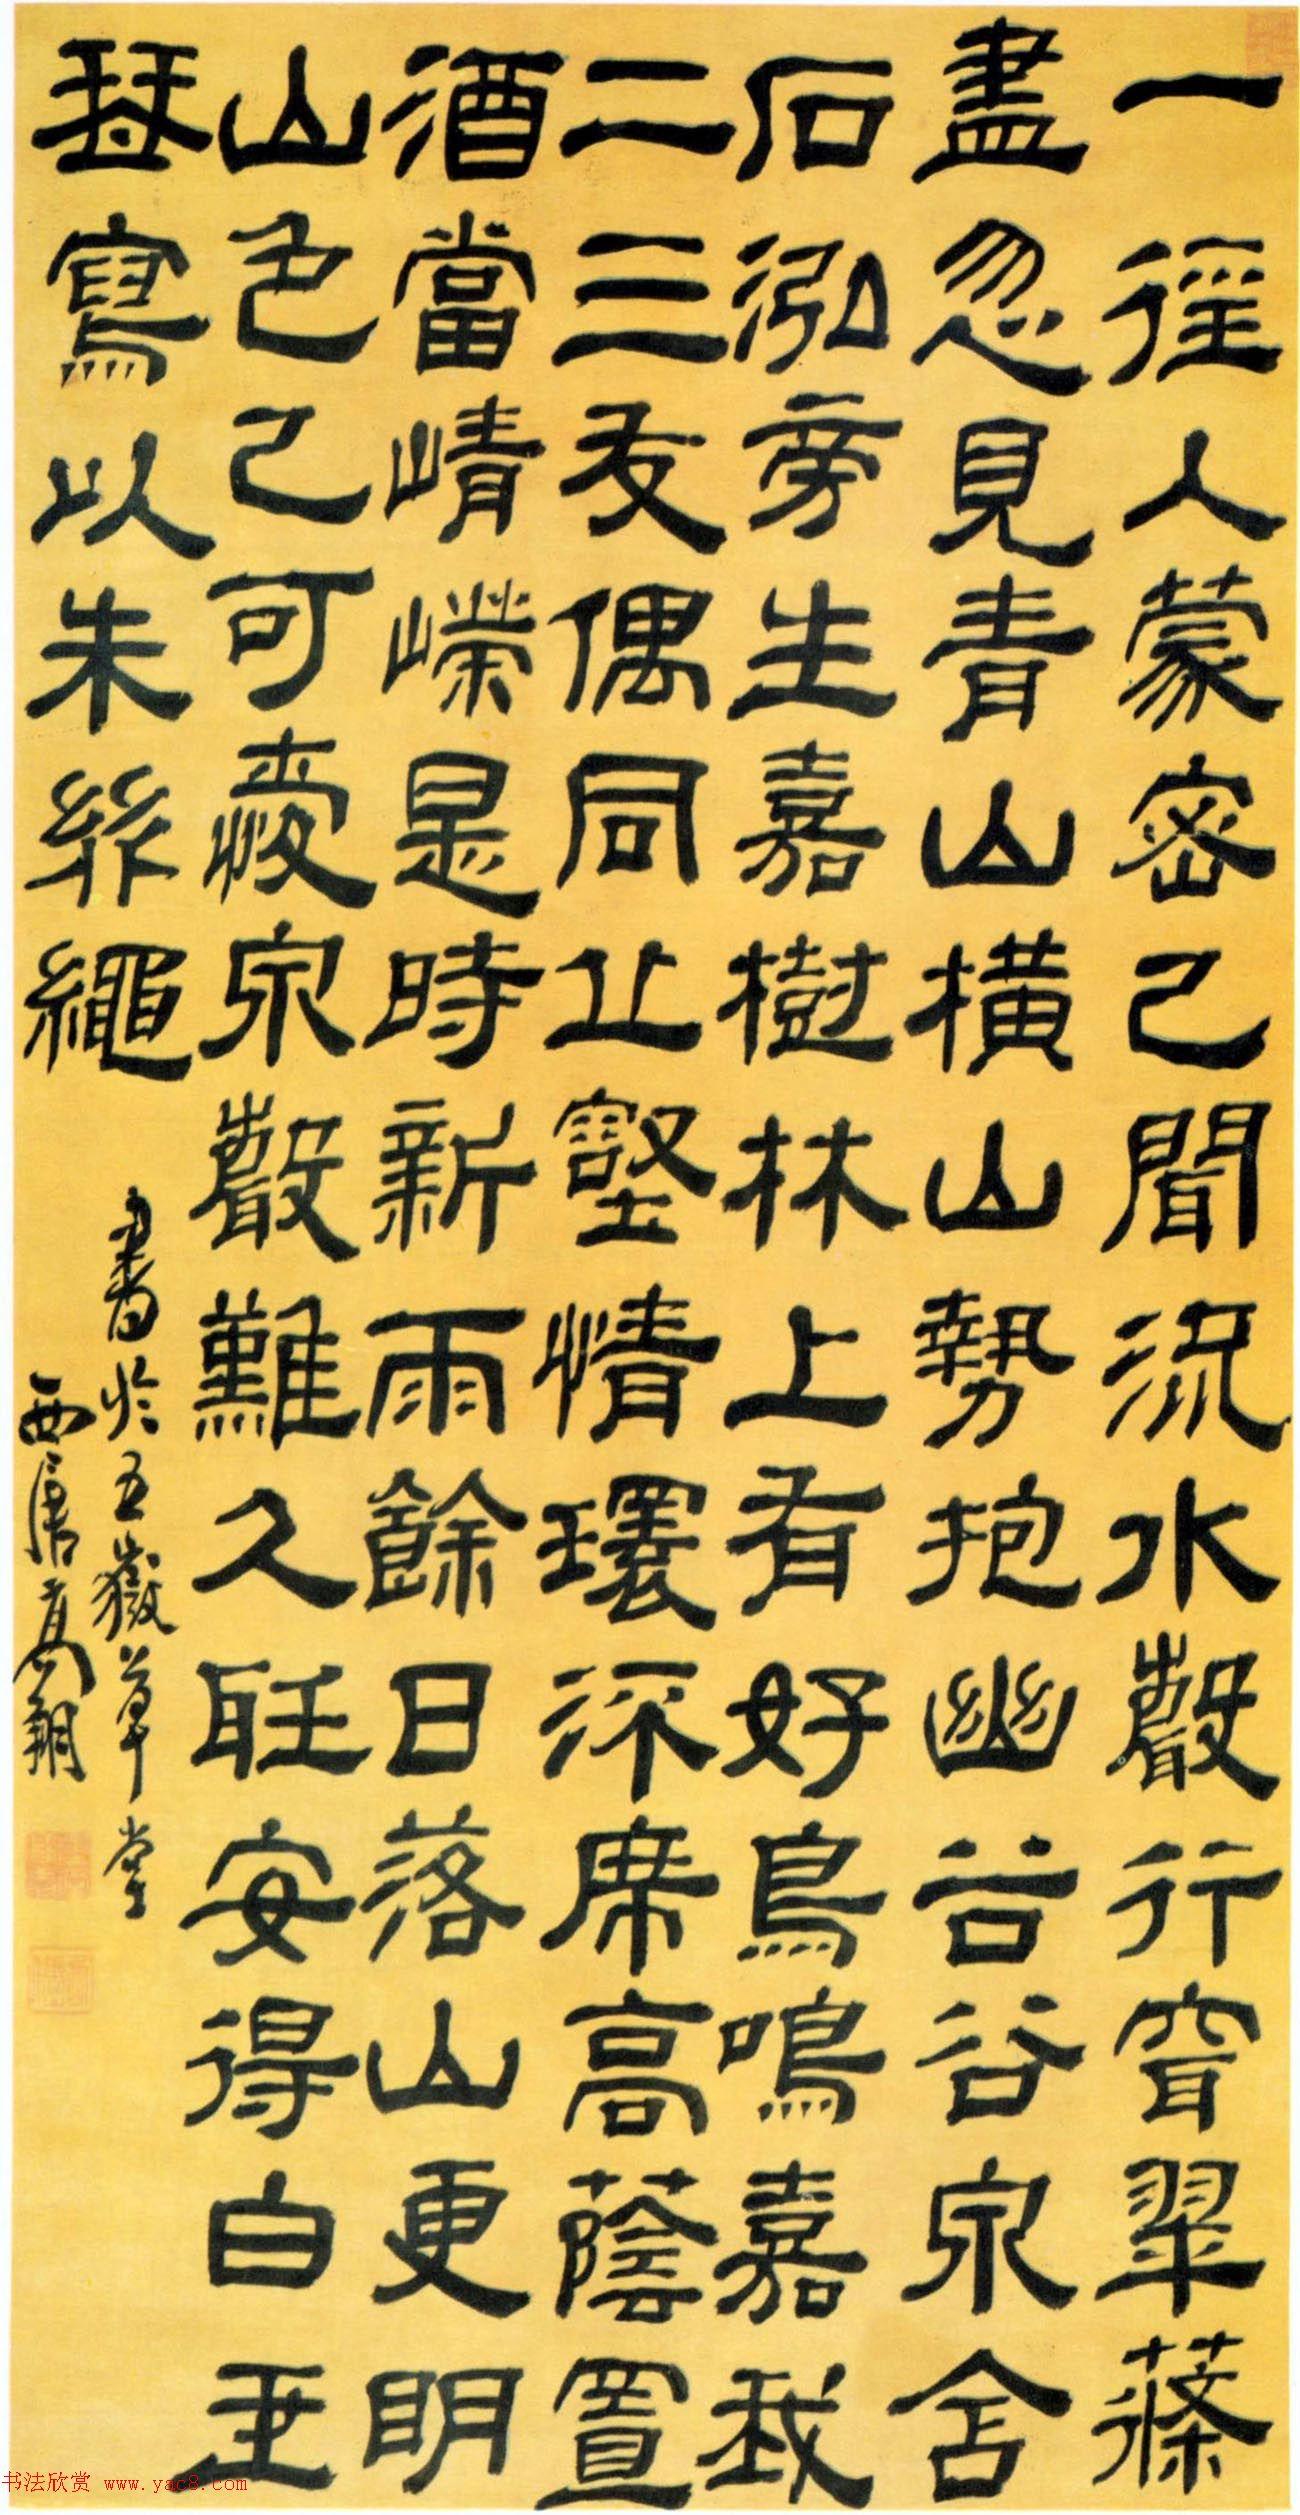 扬州八怪之一高翔隶书作品欣赏